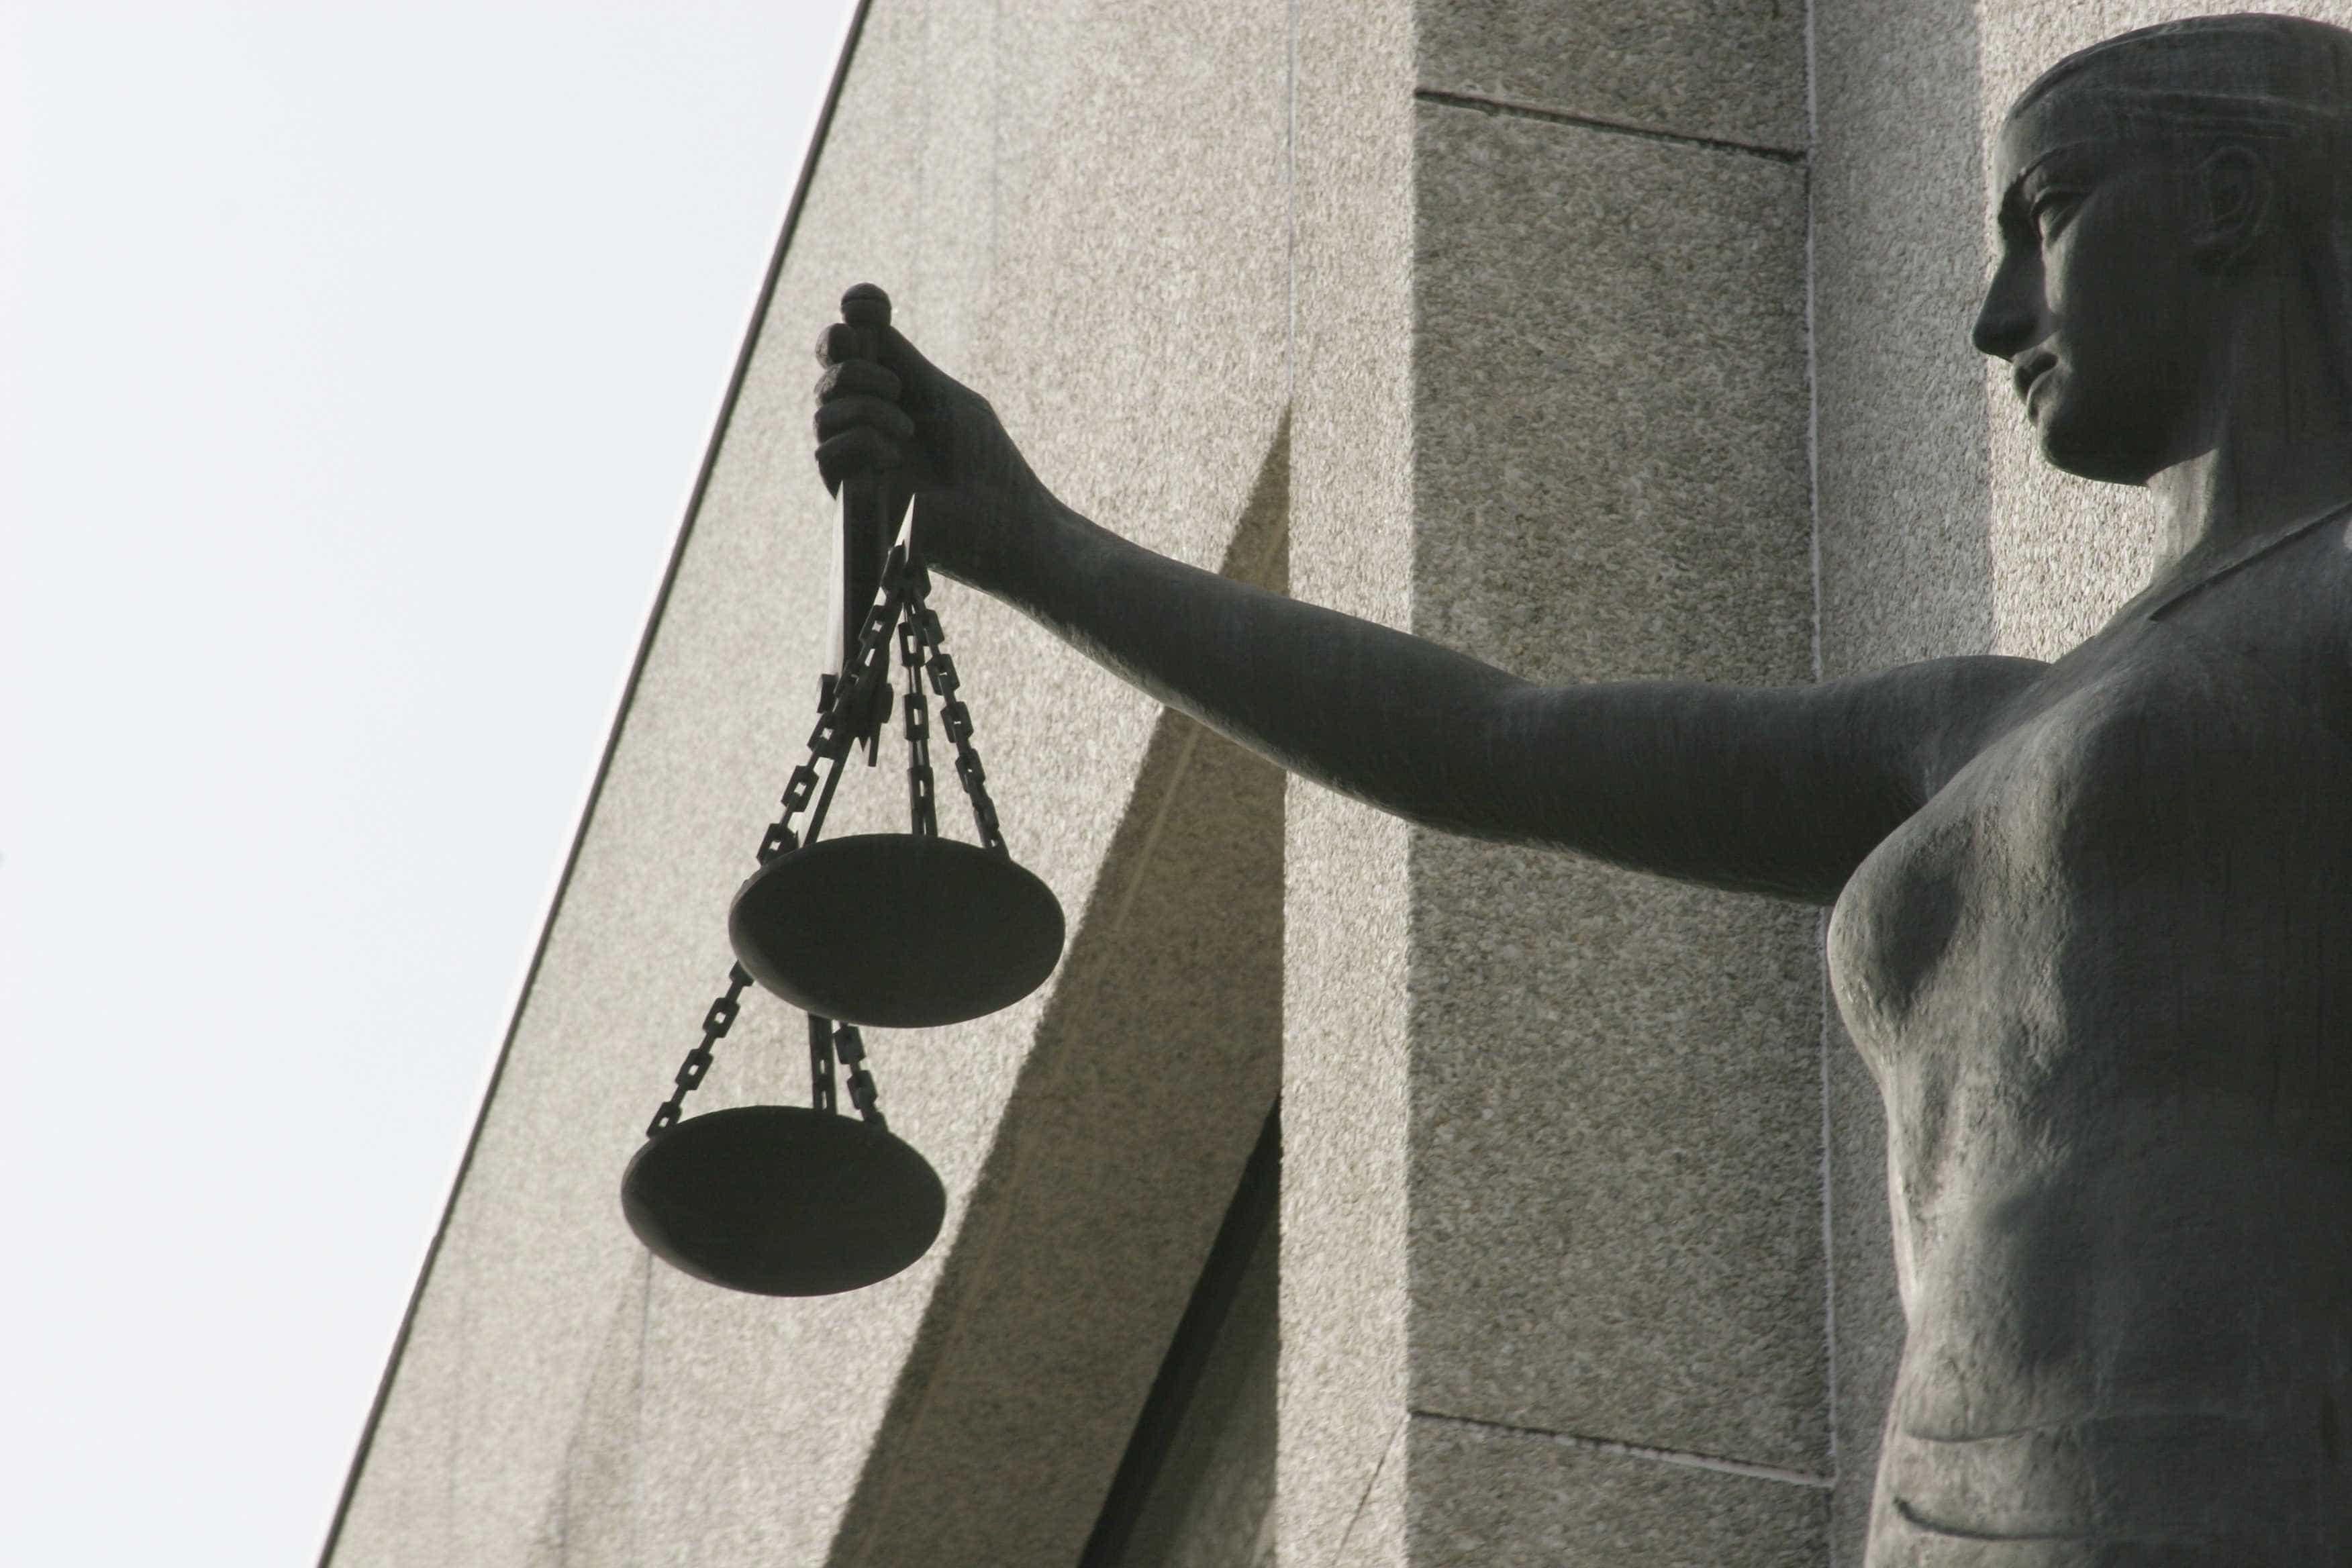 Três homens acusados de burla em esquema de falsos serviços financeiros